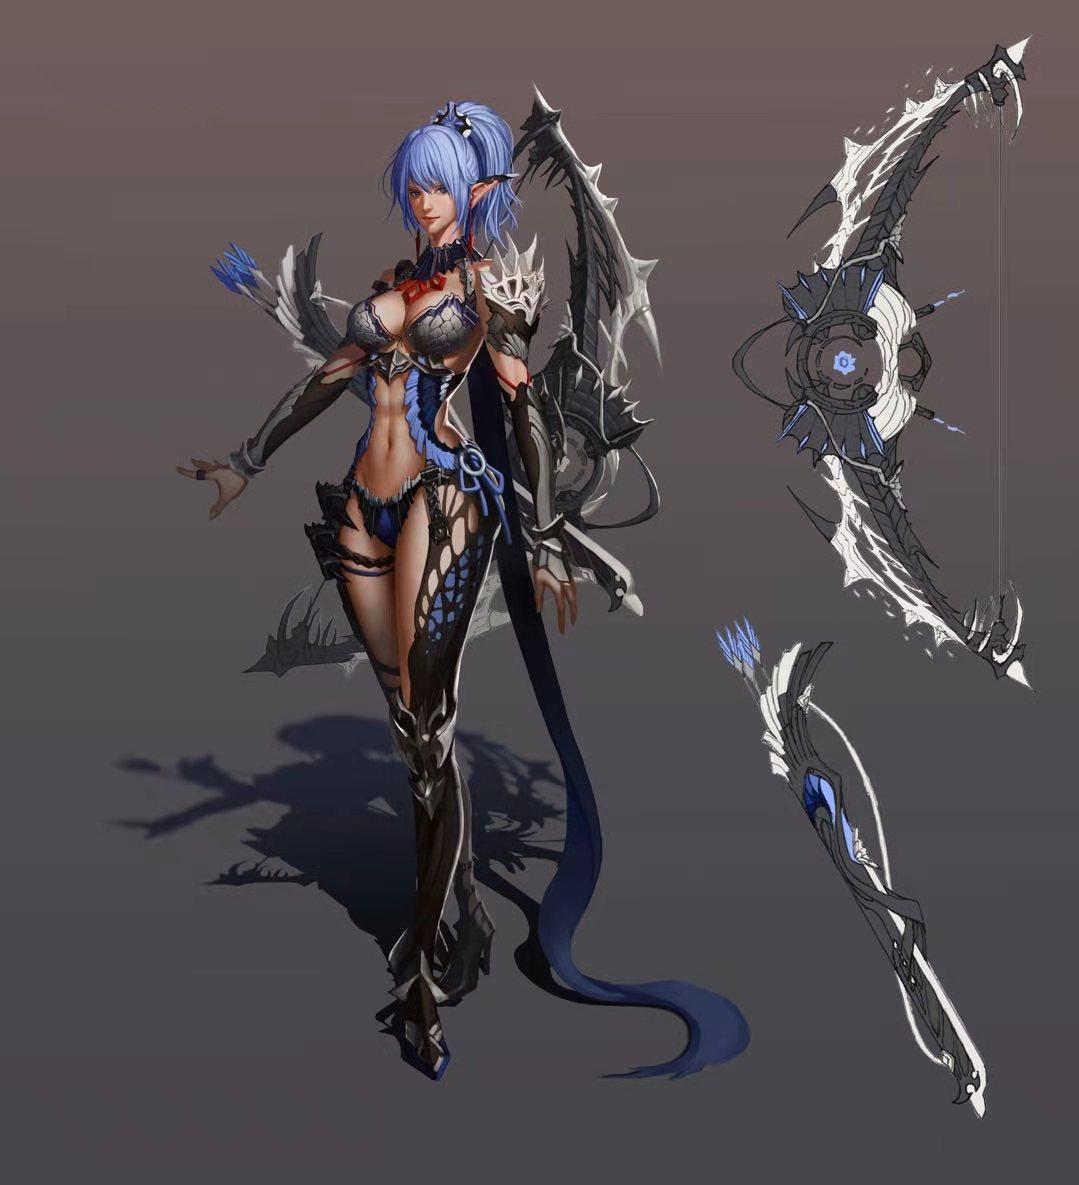 游戏场景人物原画UE4美术渲染图贴图3D建模Q版手绘设计